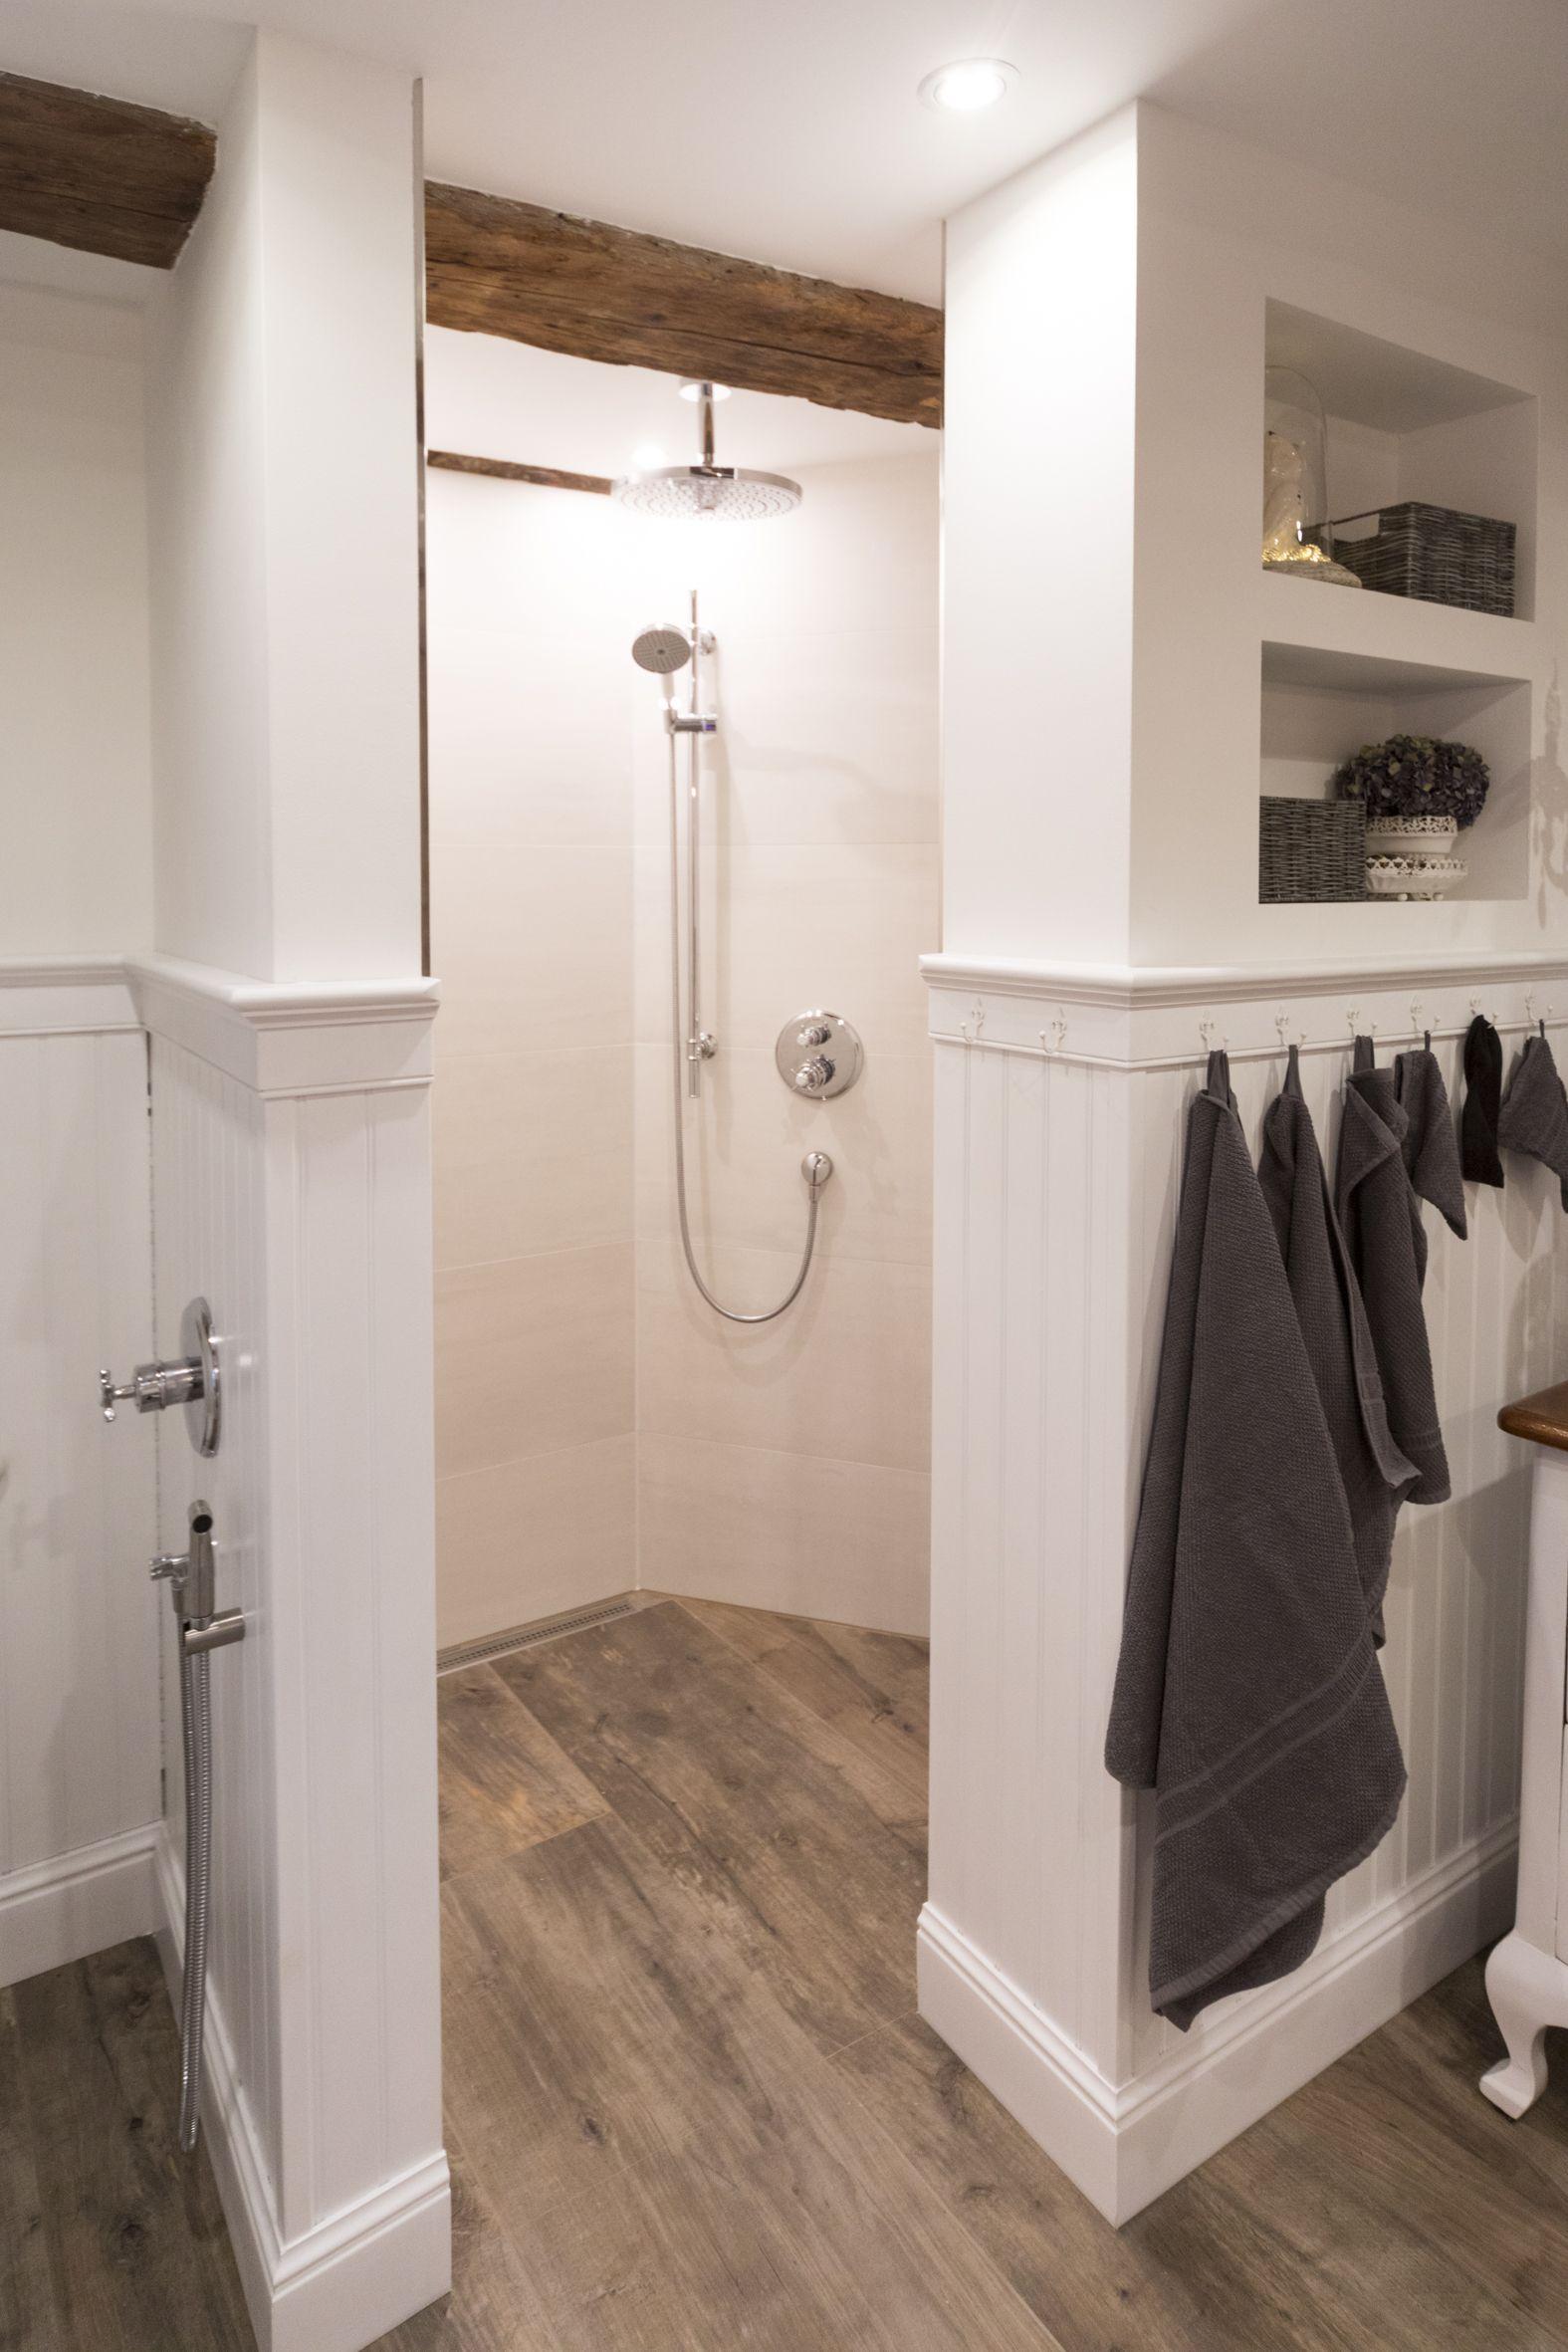 Beadboardde Wandpaneele Duschverkleidung Holzverkleidung